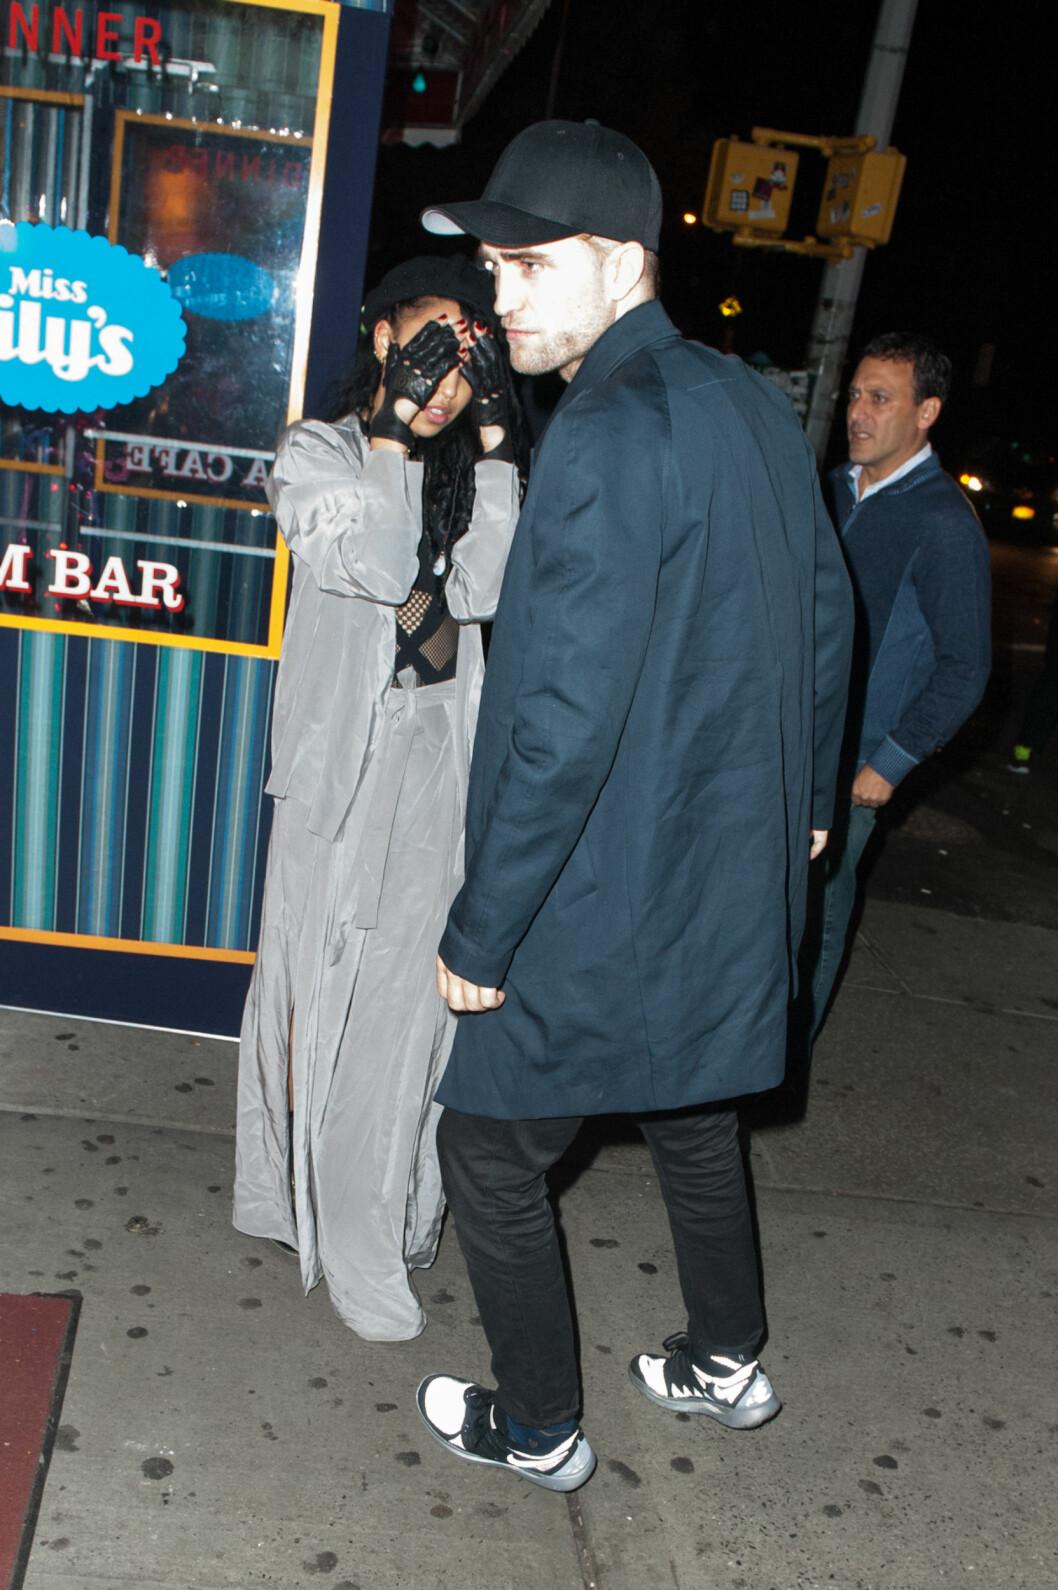 JORDNÆR: FKA Twigs, her fotografert i New York med Robert Pattinson for to uker siden, har sagt at hun ikke føler noe behov for å være kjendis. Foto: Stella Pictures